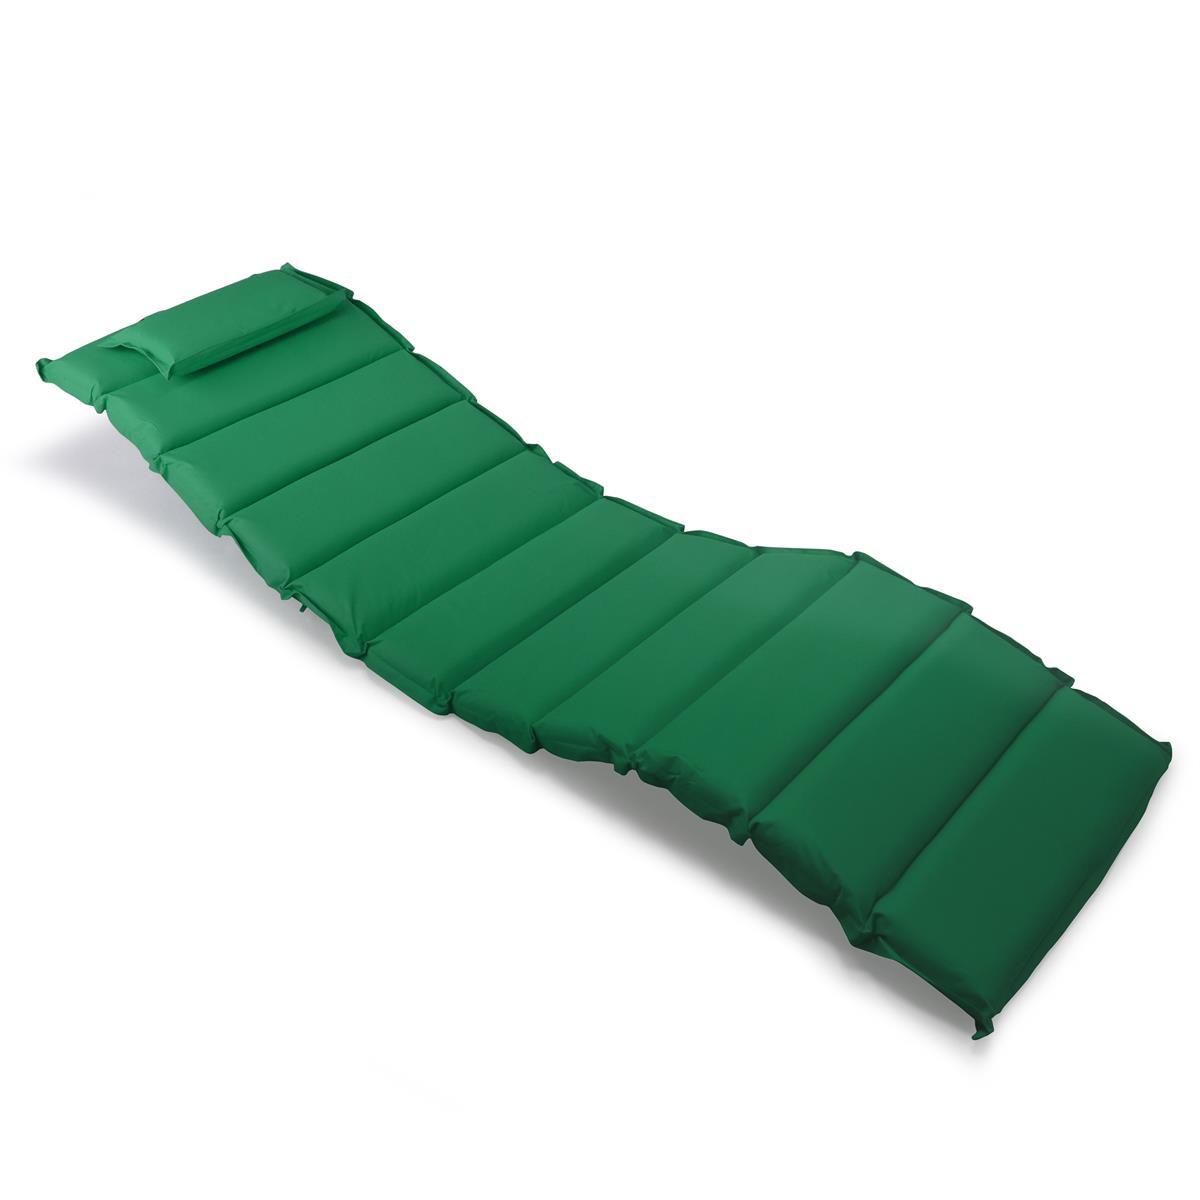 DIVERO Liegenauflage Polster Kopfkissen für Sauna Garten Terrasse gesteppt grün